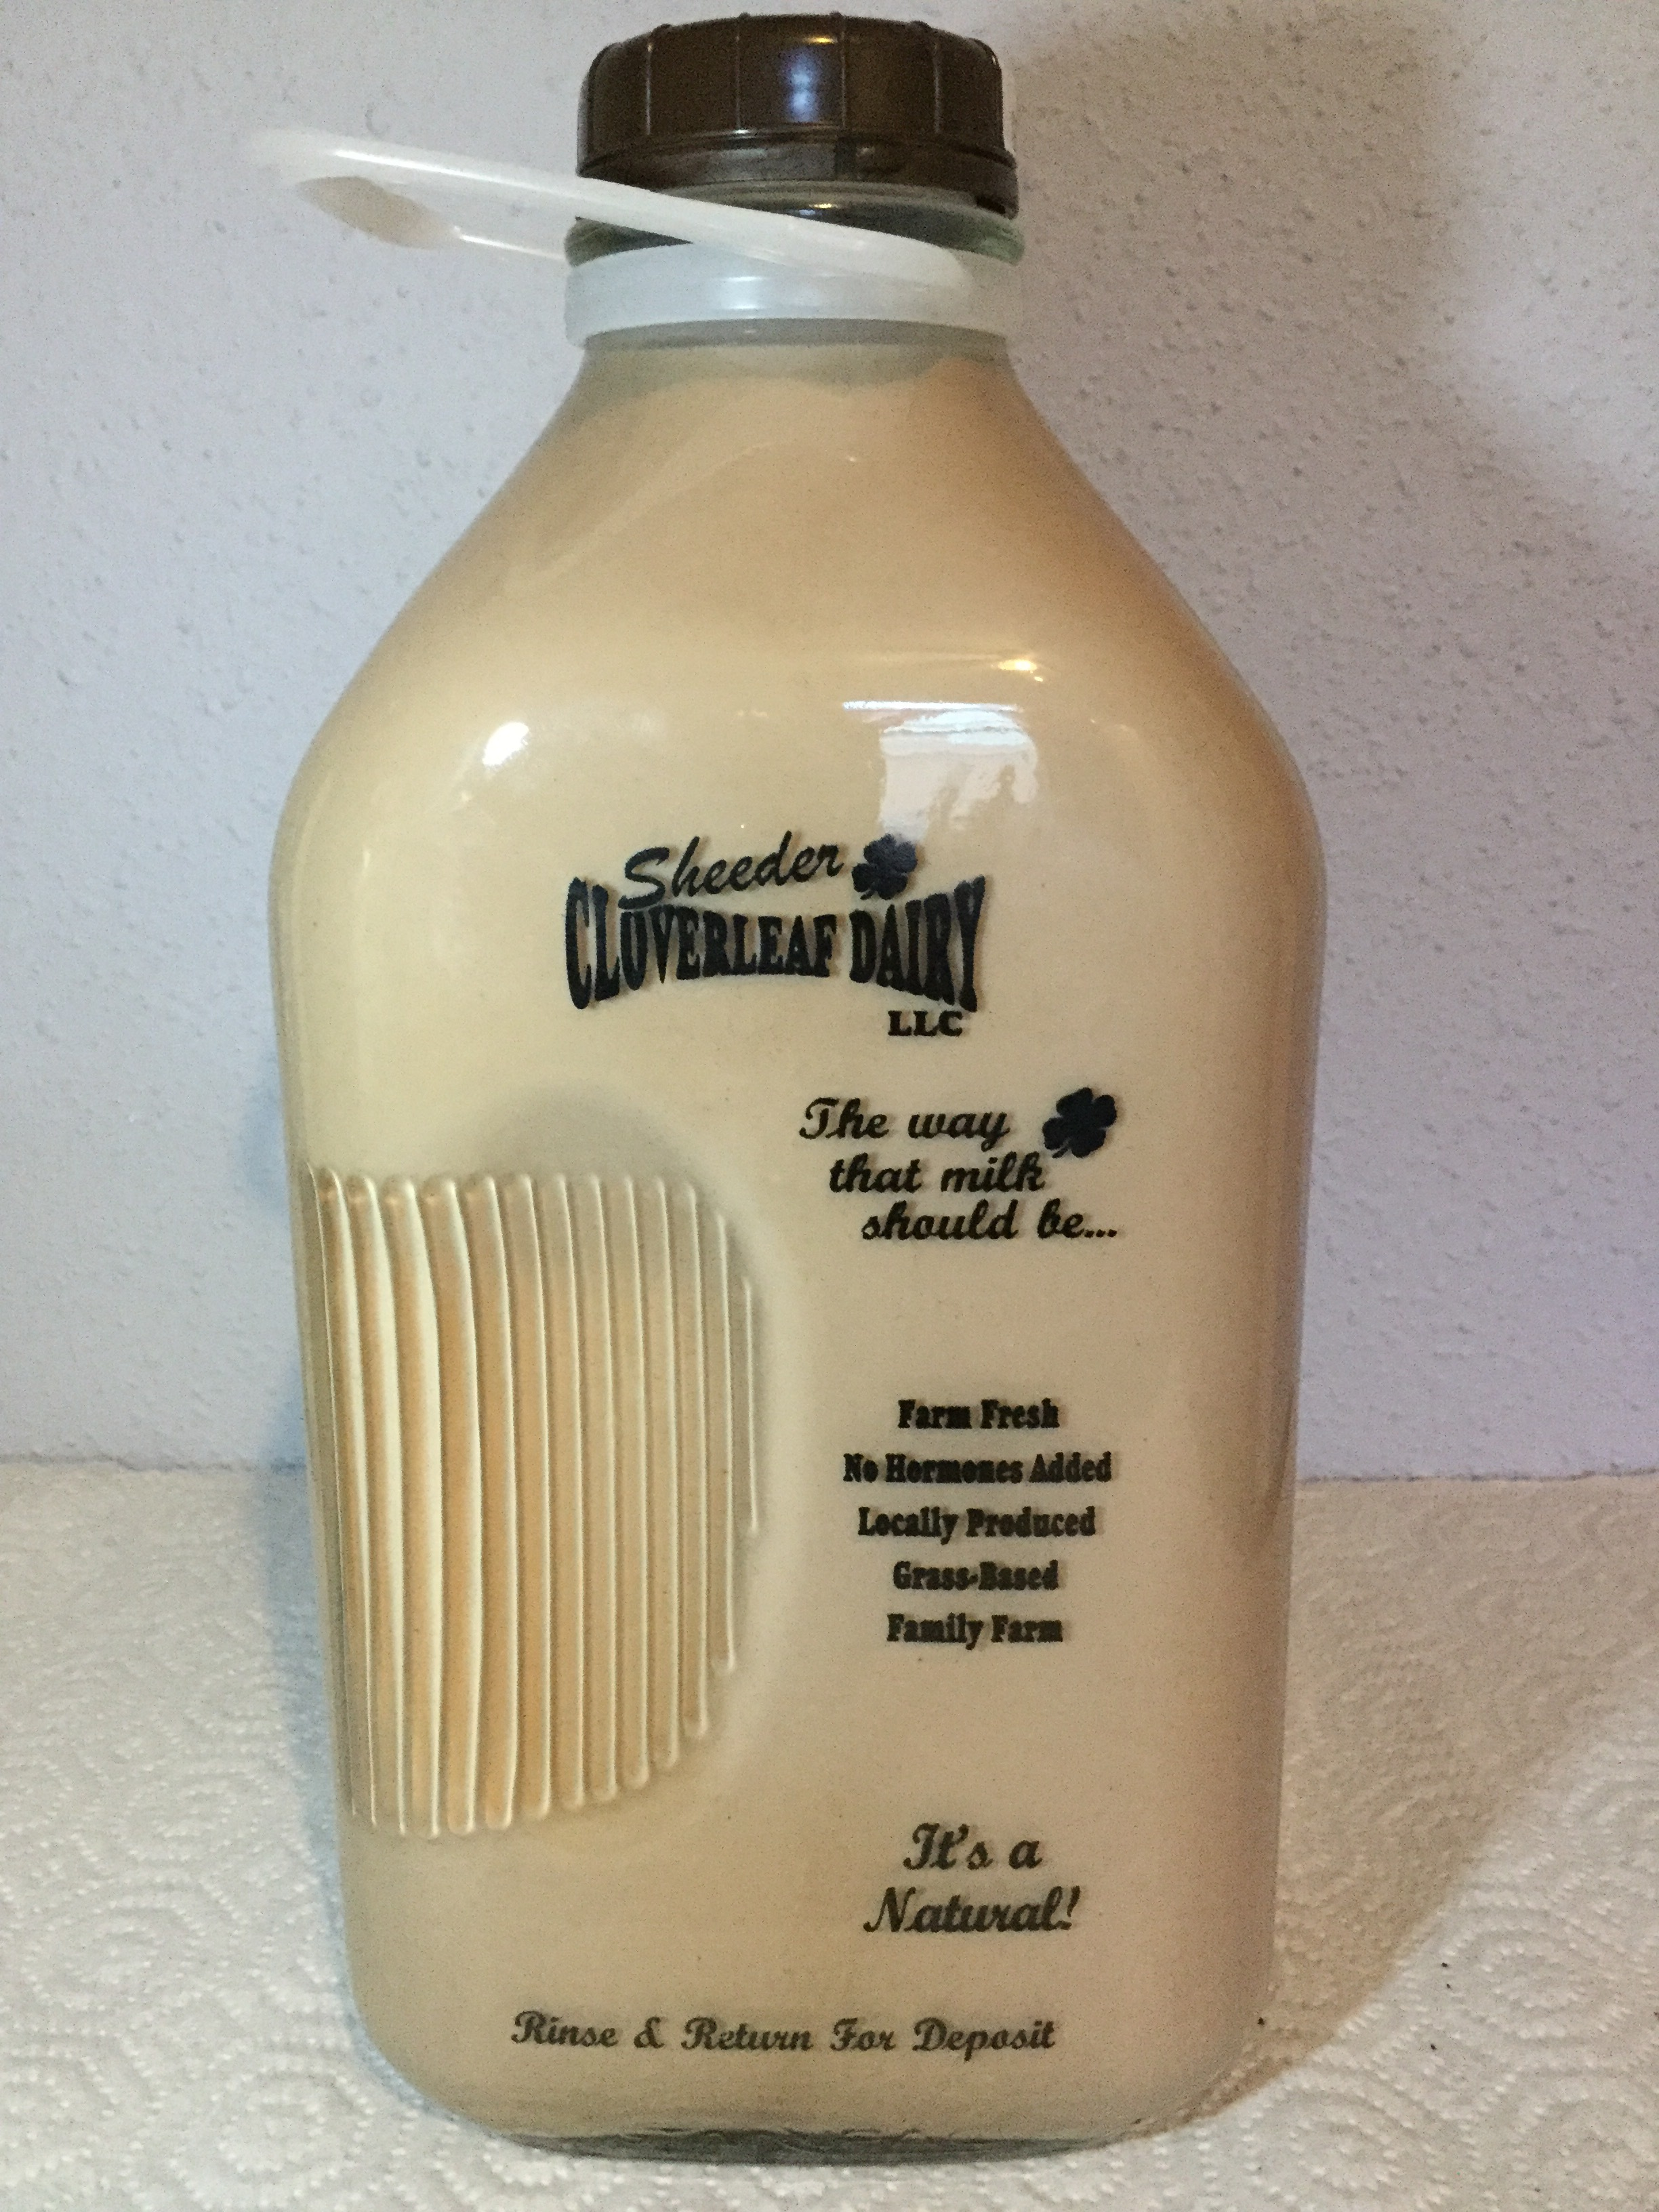 Sheeder Cloverleaf Dairy Chocolate Milk Side 1